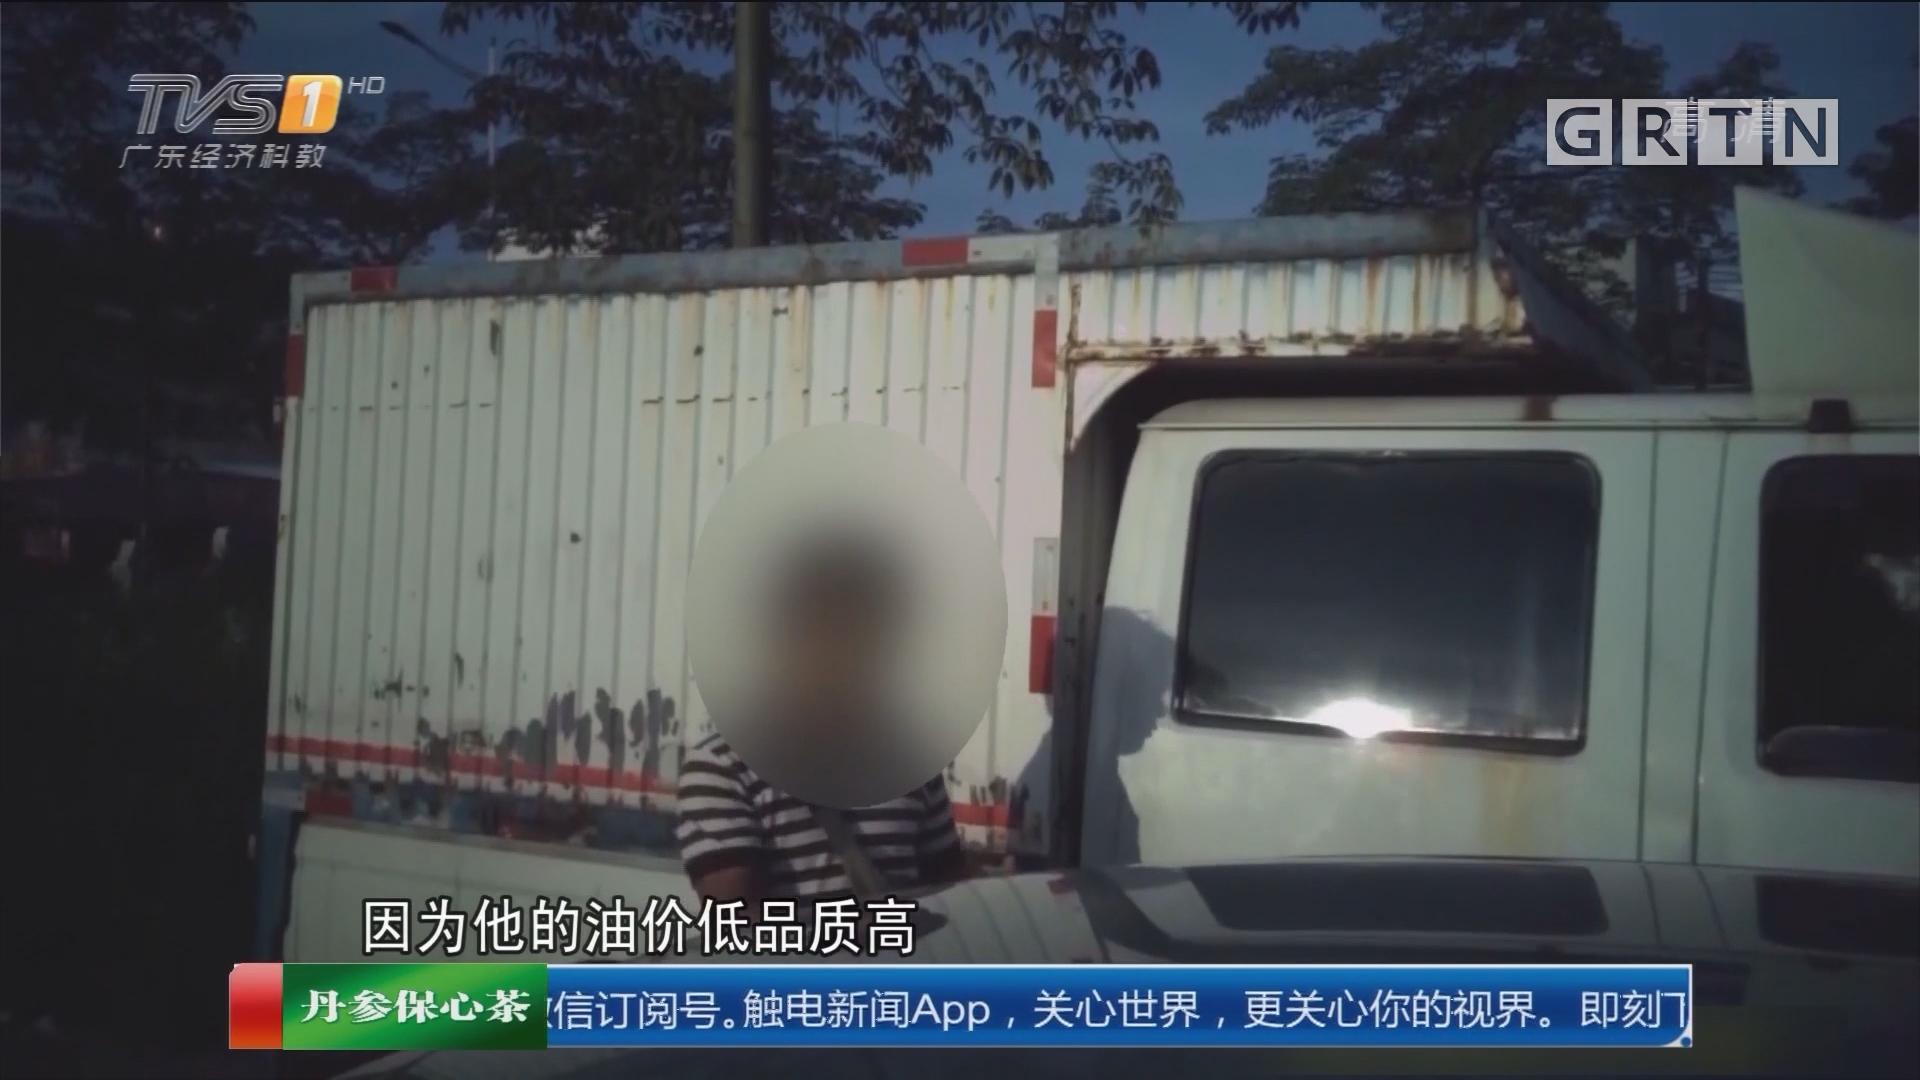 一线独家调查:东莞黑加油车 流动加油车遍地开花 生意火爆